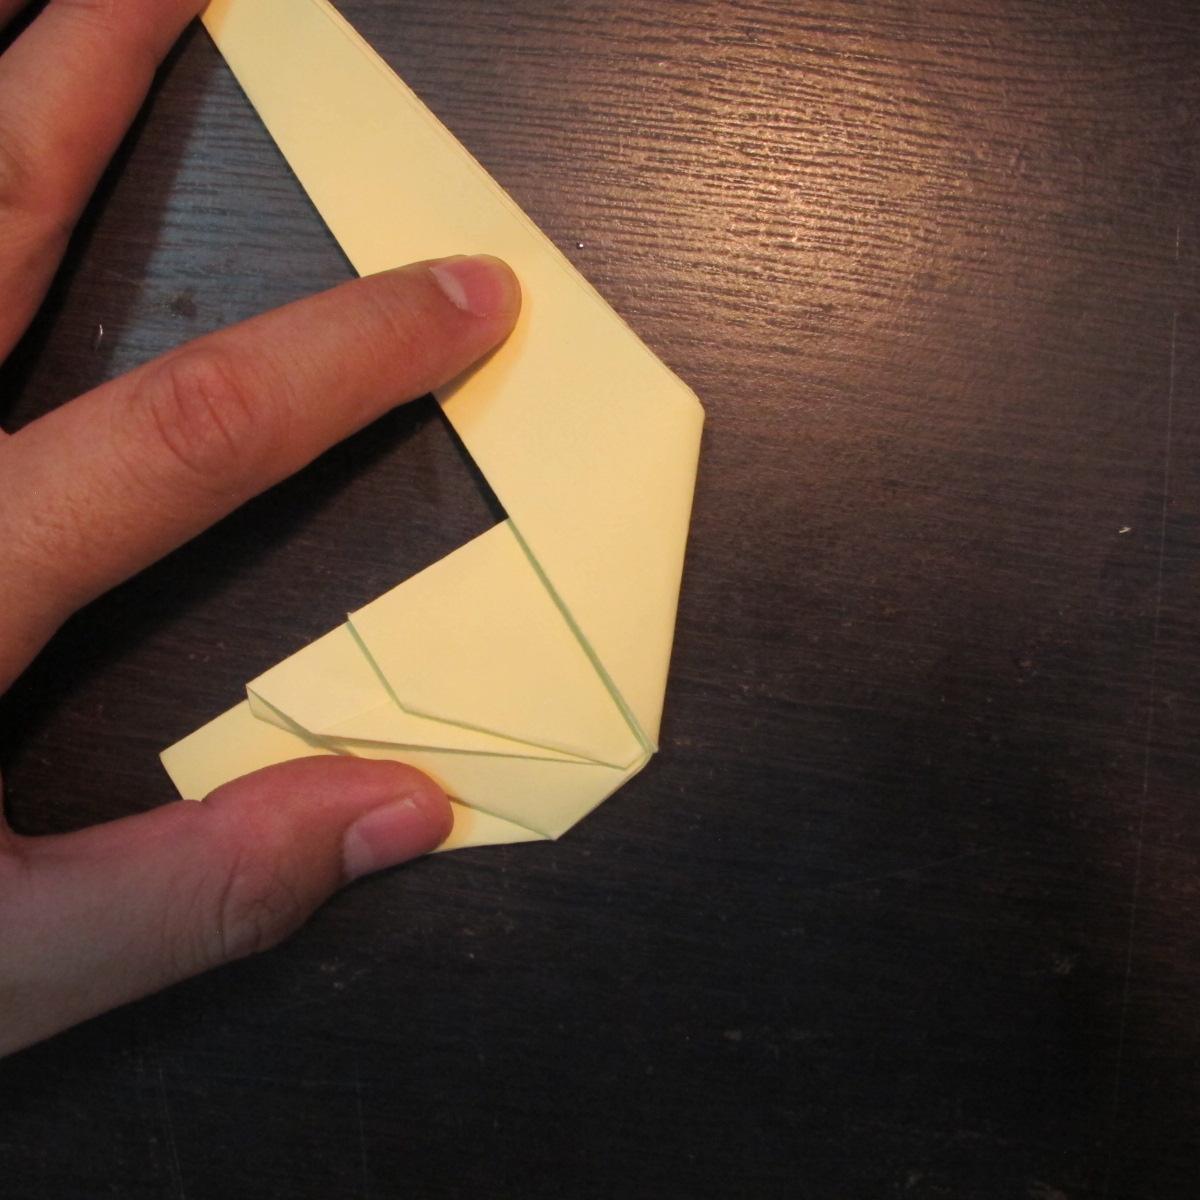 วิธีการพับกระดาษเป็นรูปหงส์ 014